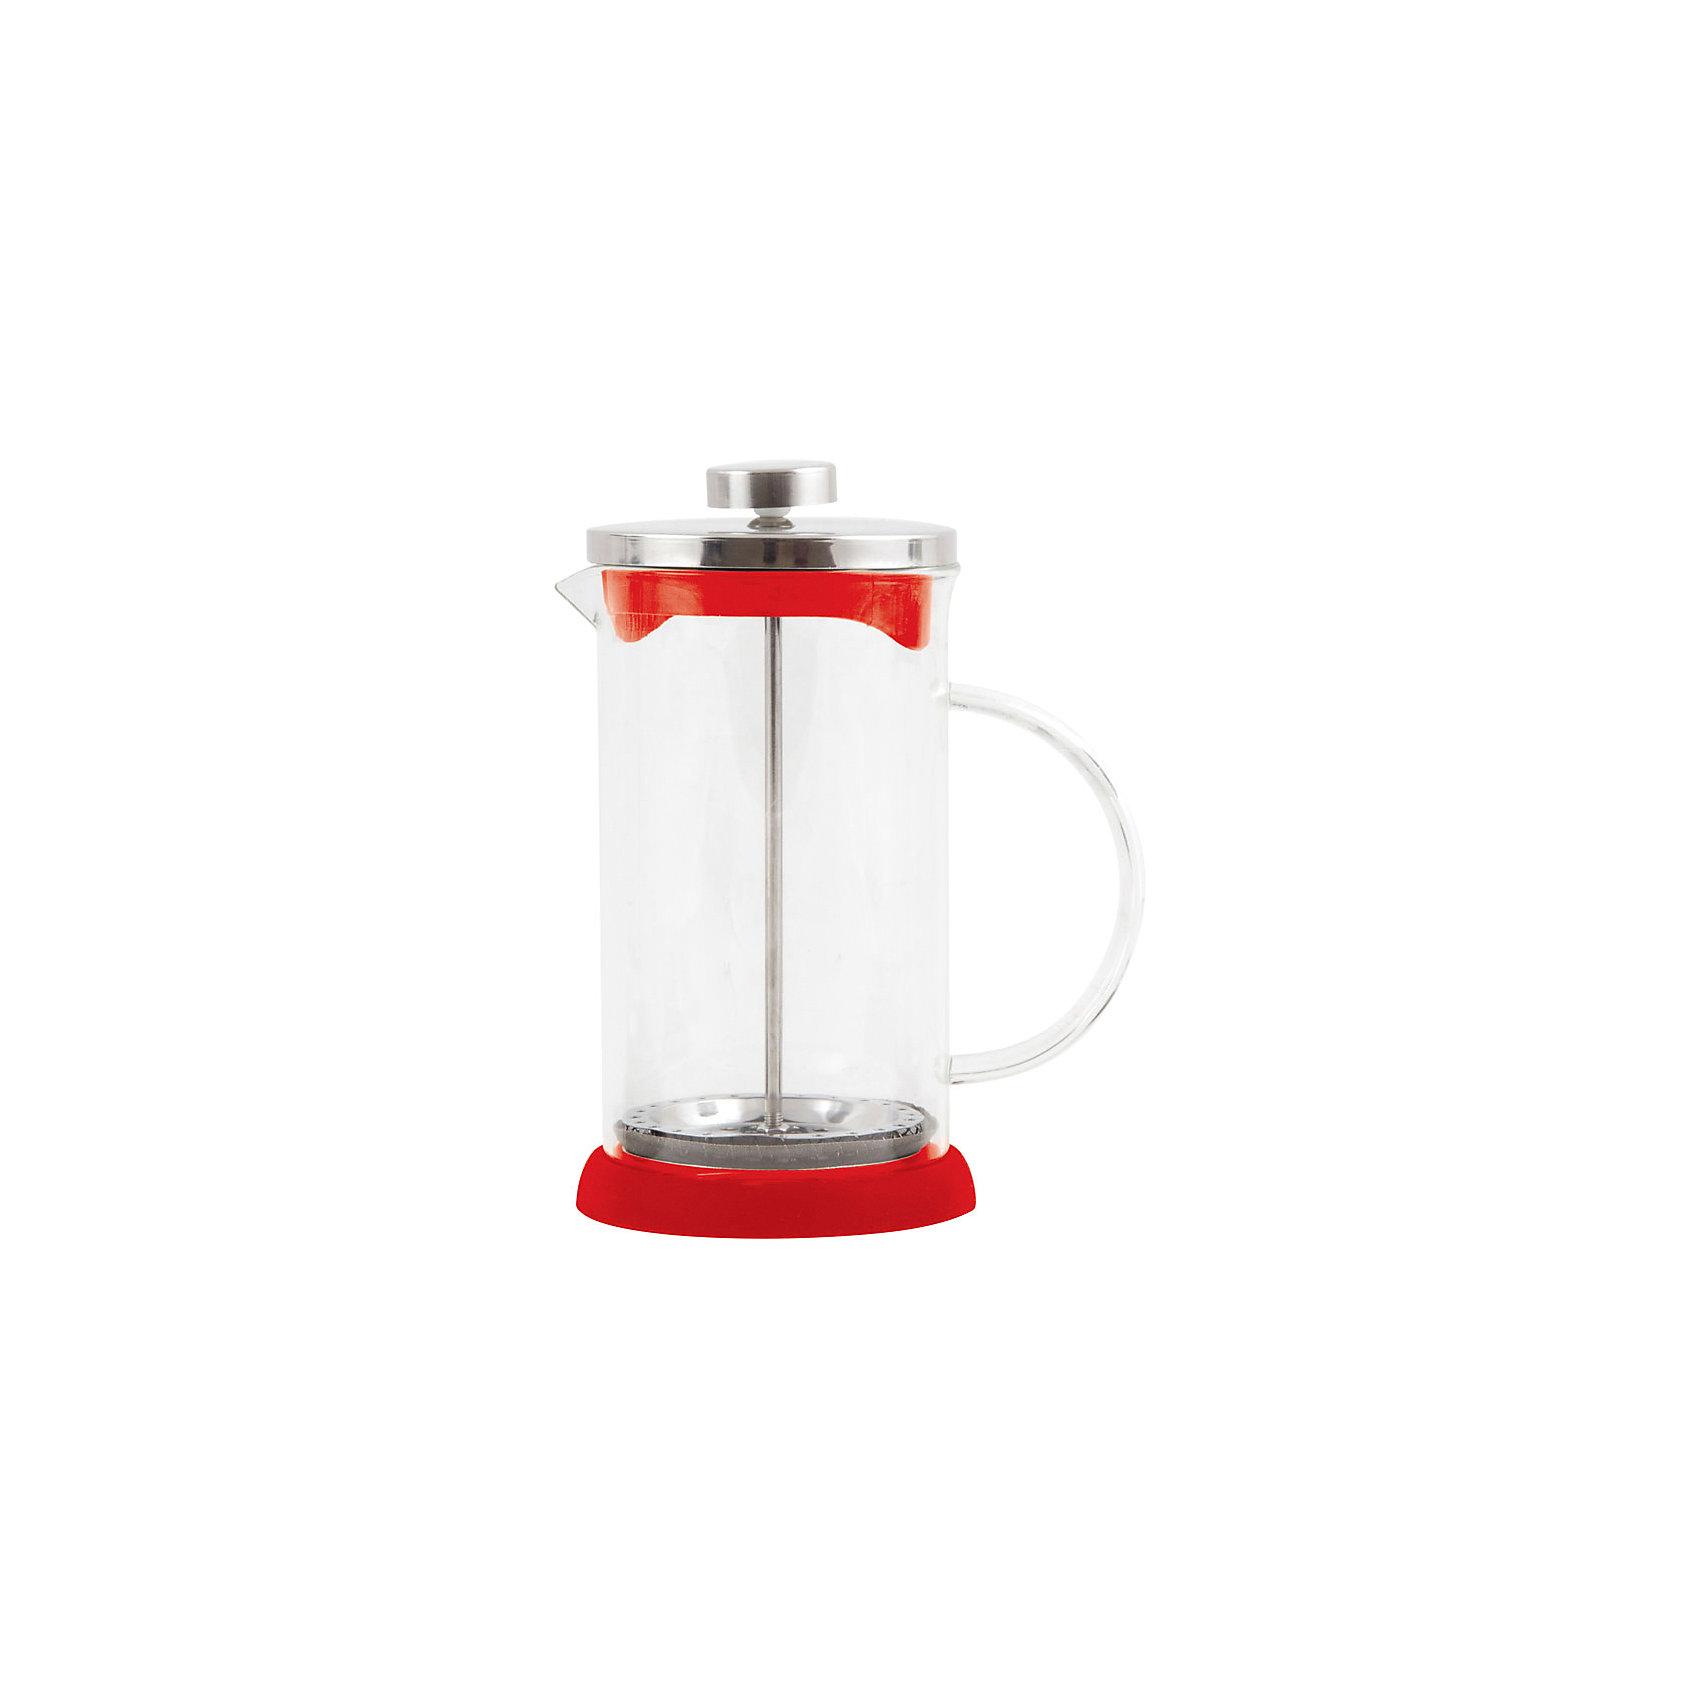 Кофе-пресс стеклянный GFP01-600ML-R, Mallony, красный